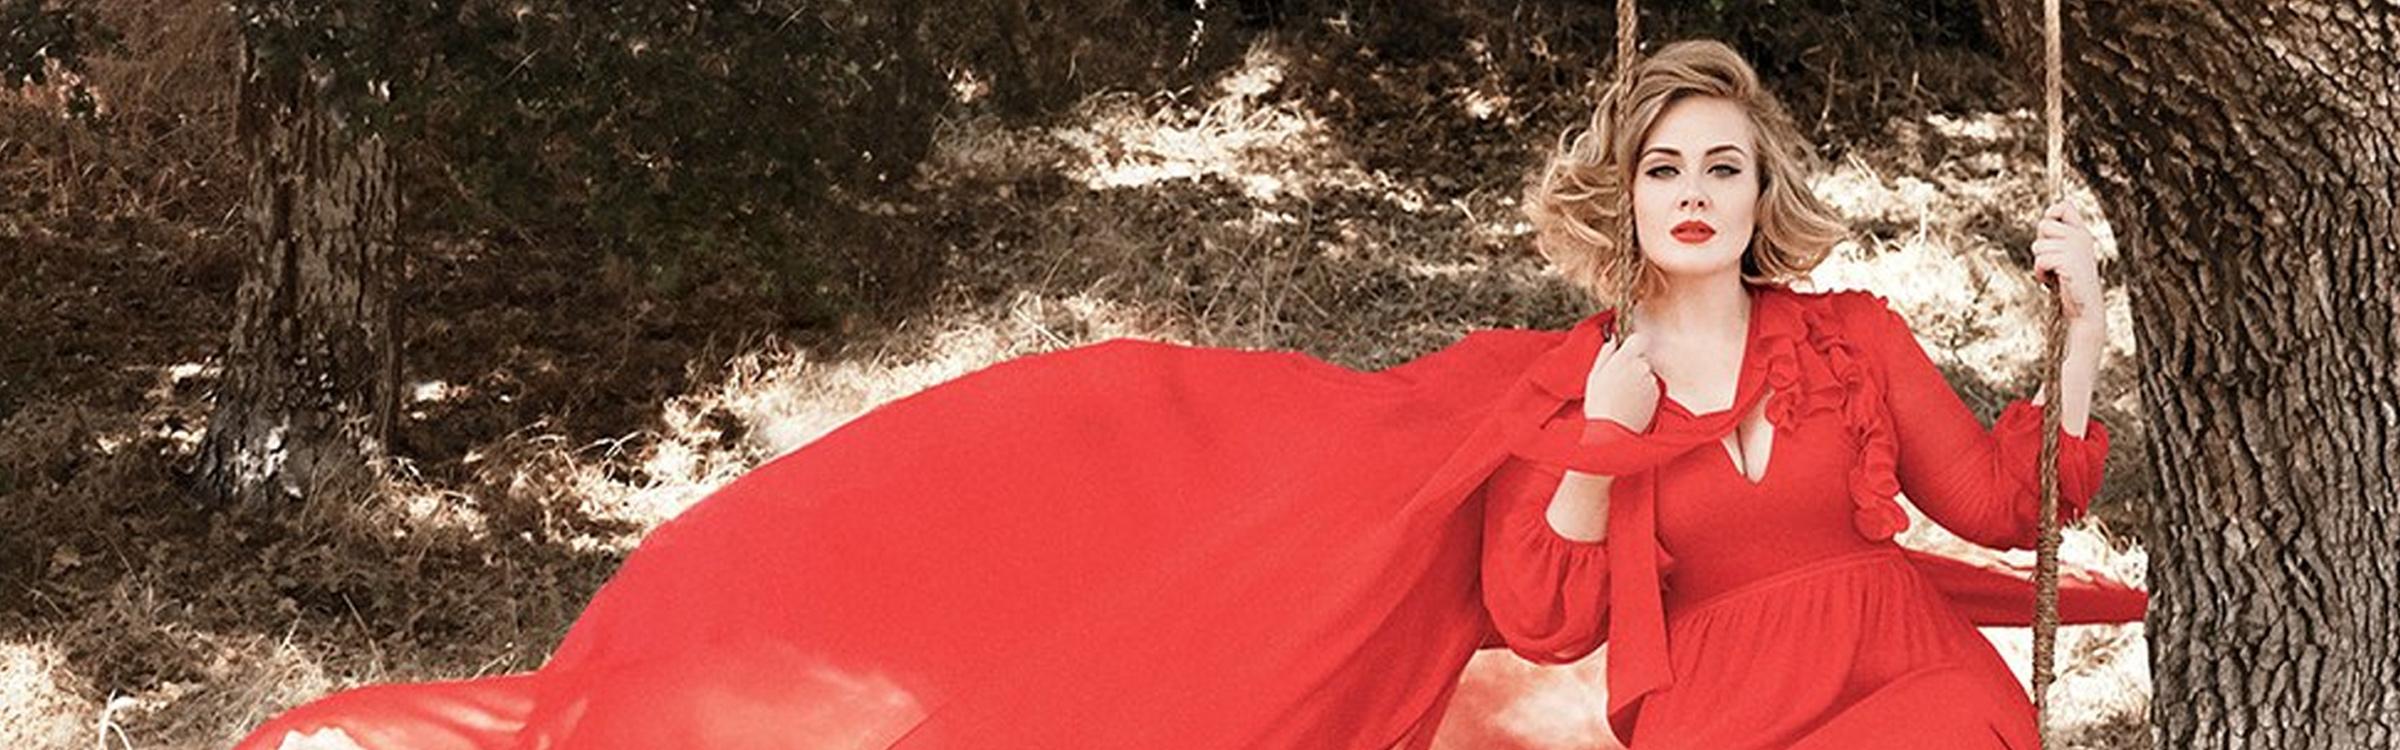 Adele depressie header